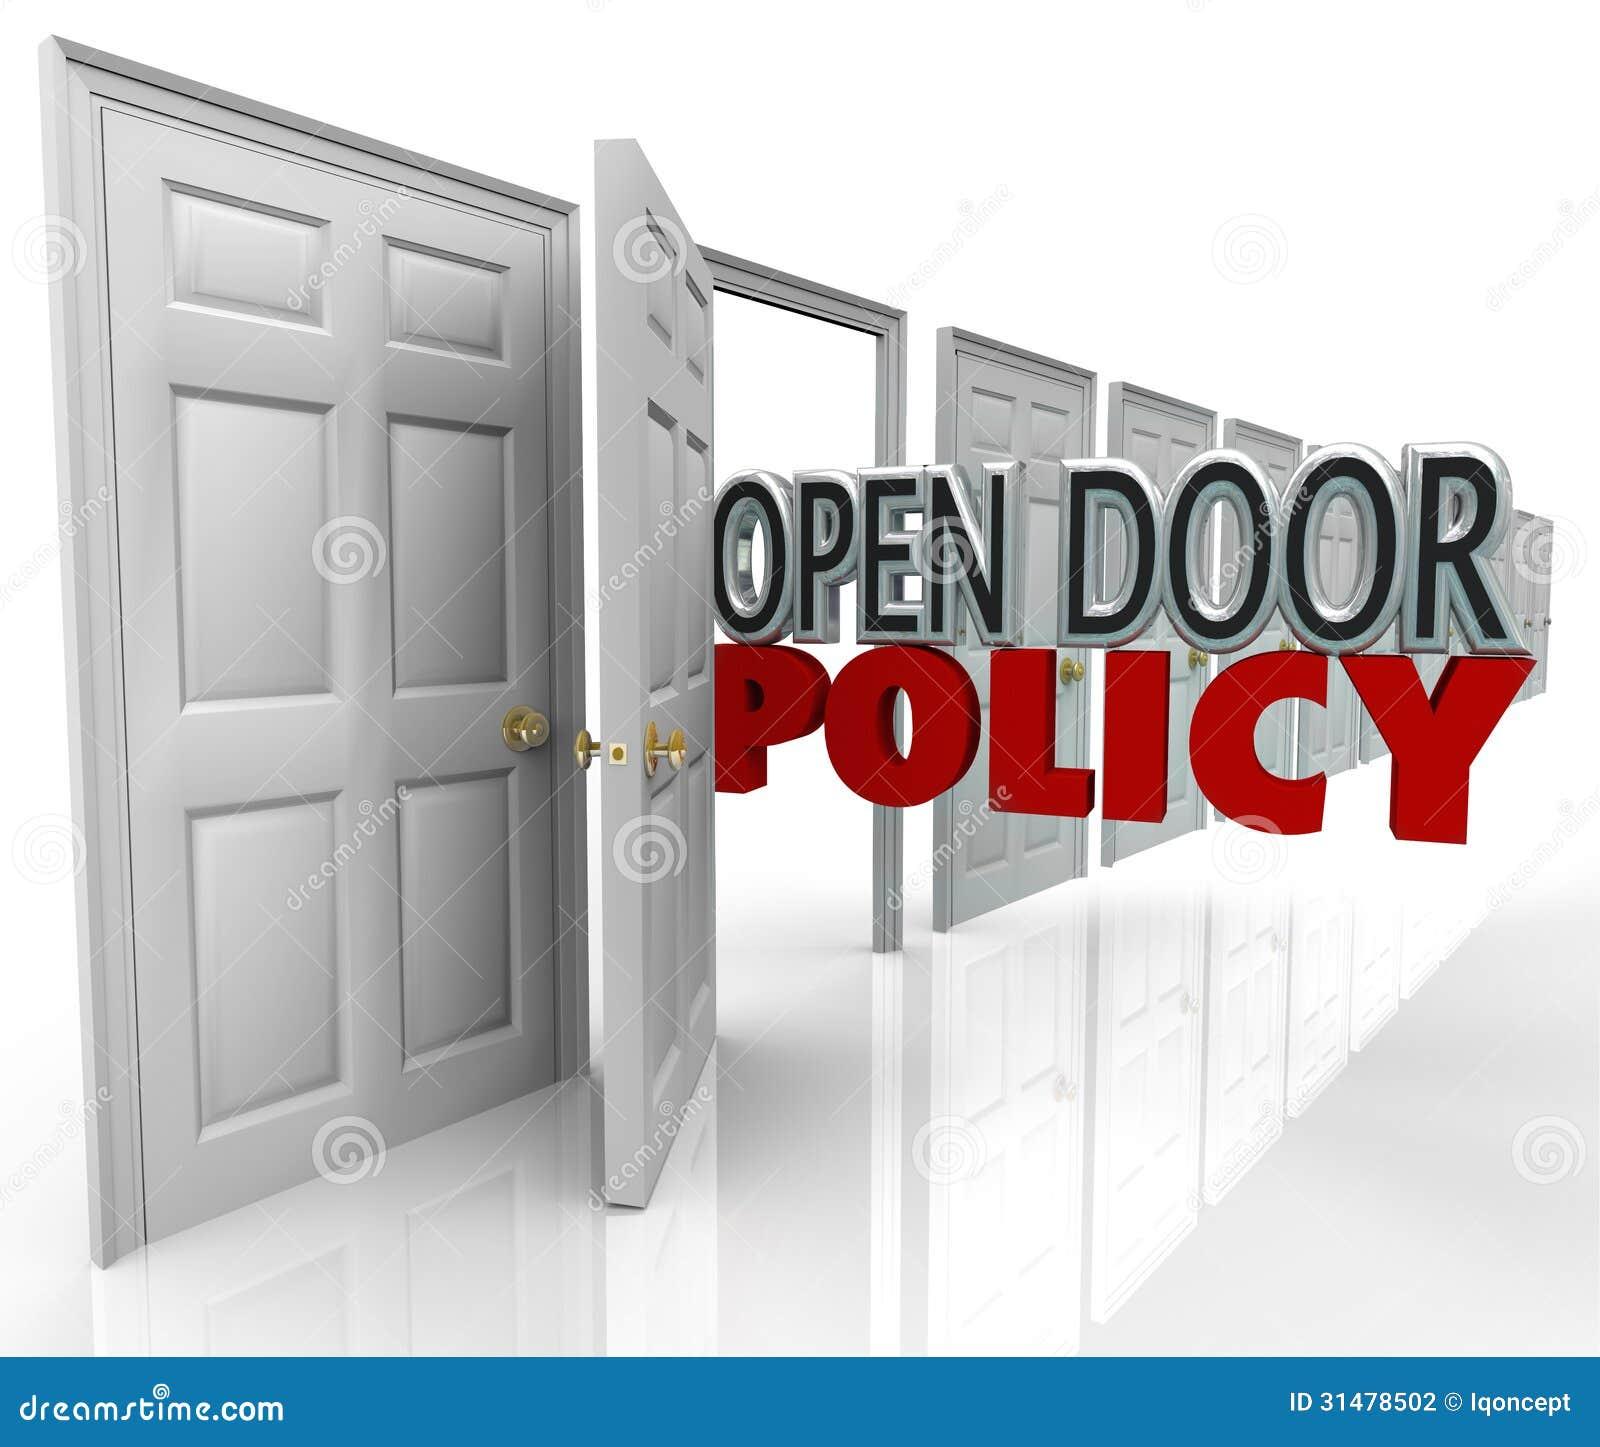 Open Door Welcome : Open door policy words management welcome communication